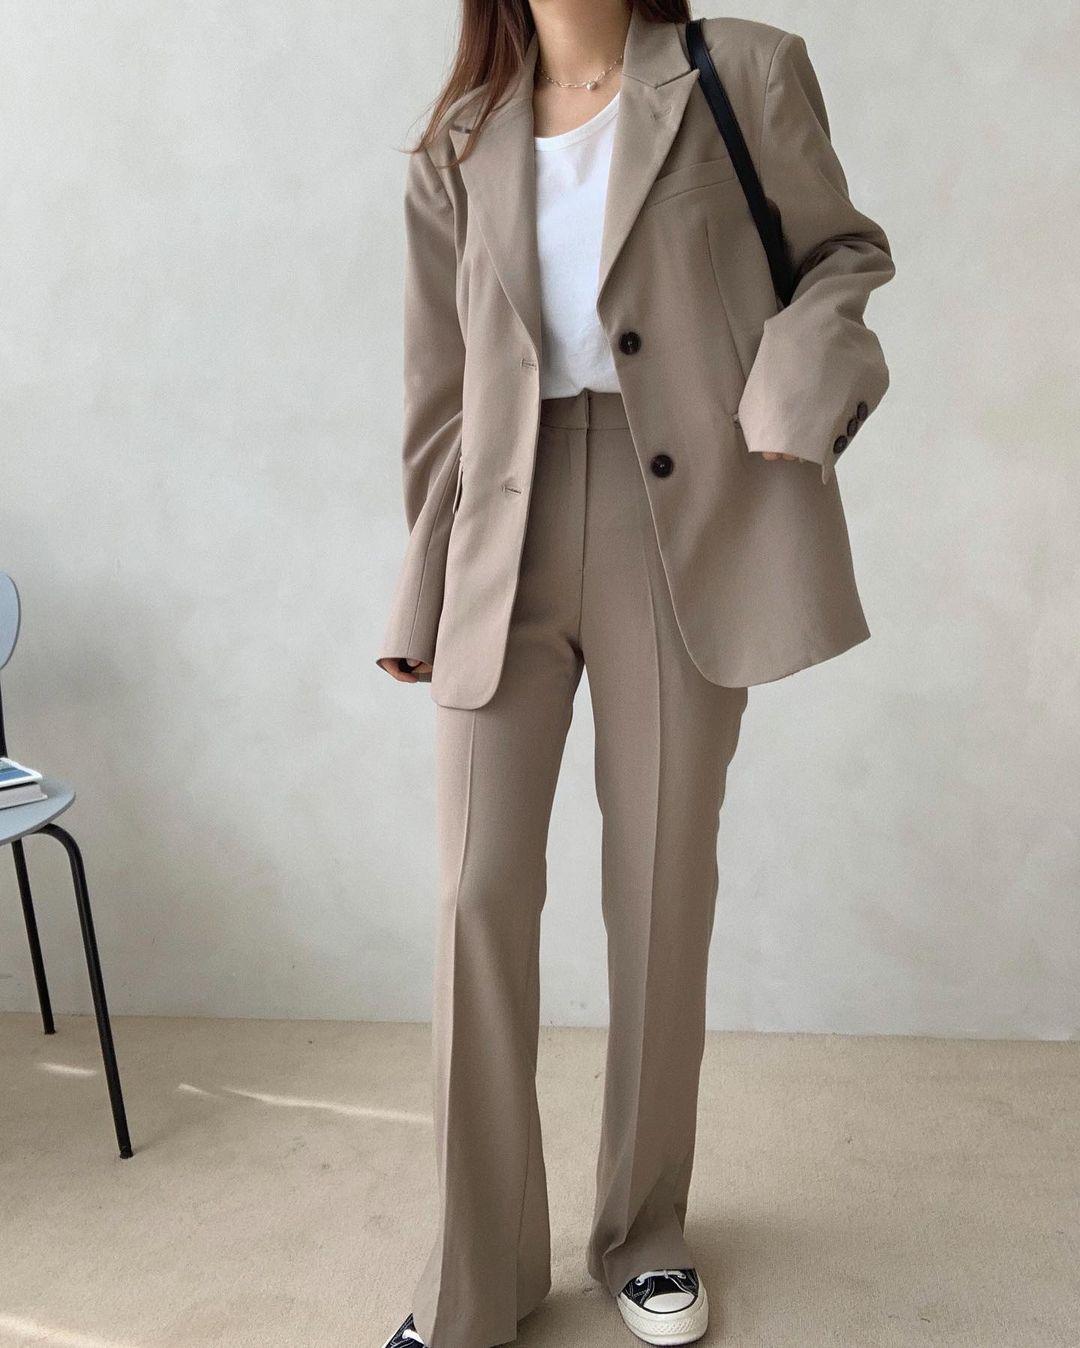 5 mẫu áo quá hợp để diện cùng blazer, bạn cần biết hết để không bao giờ thất bại trong chuyện mặc đẹp 12